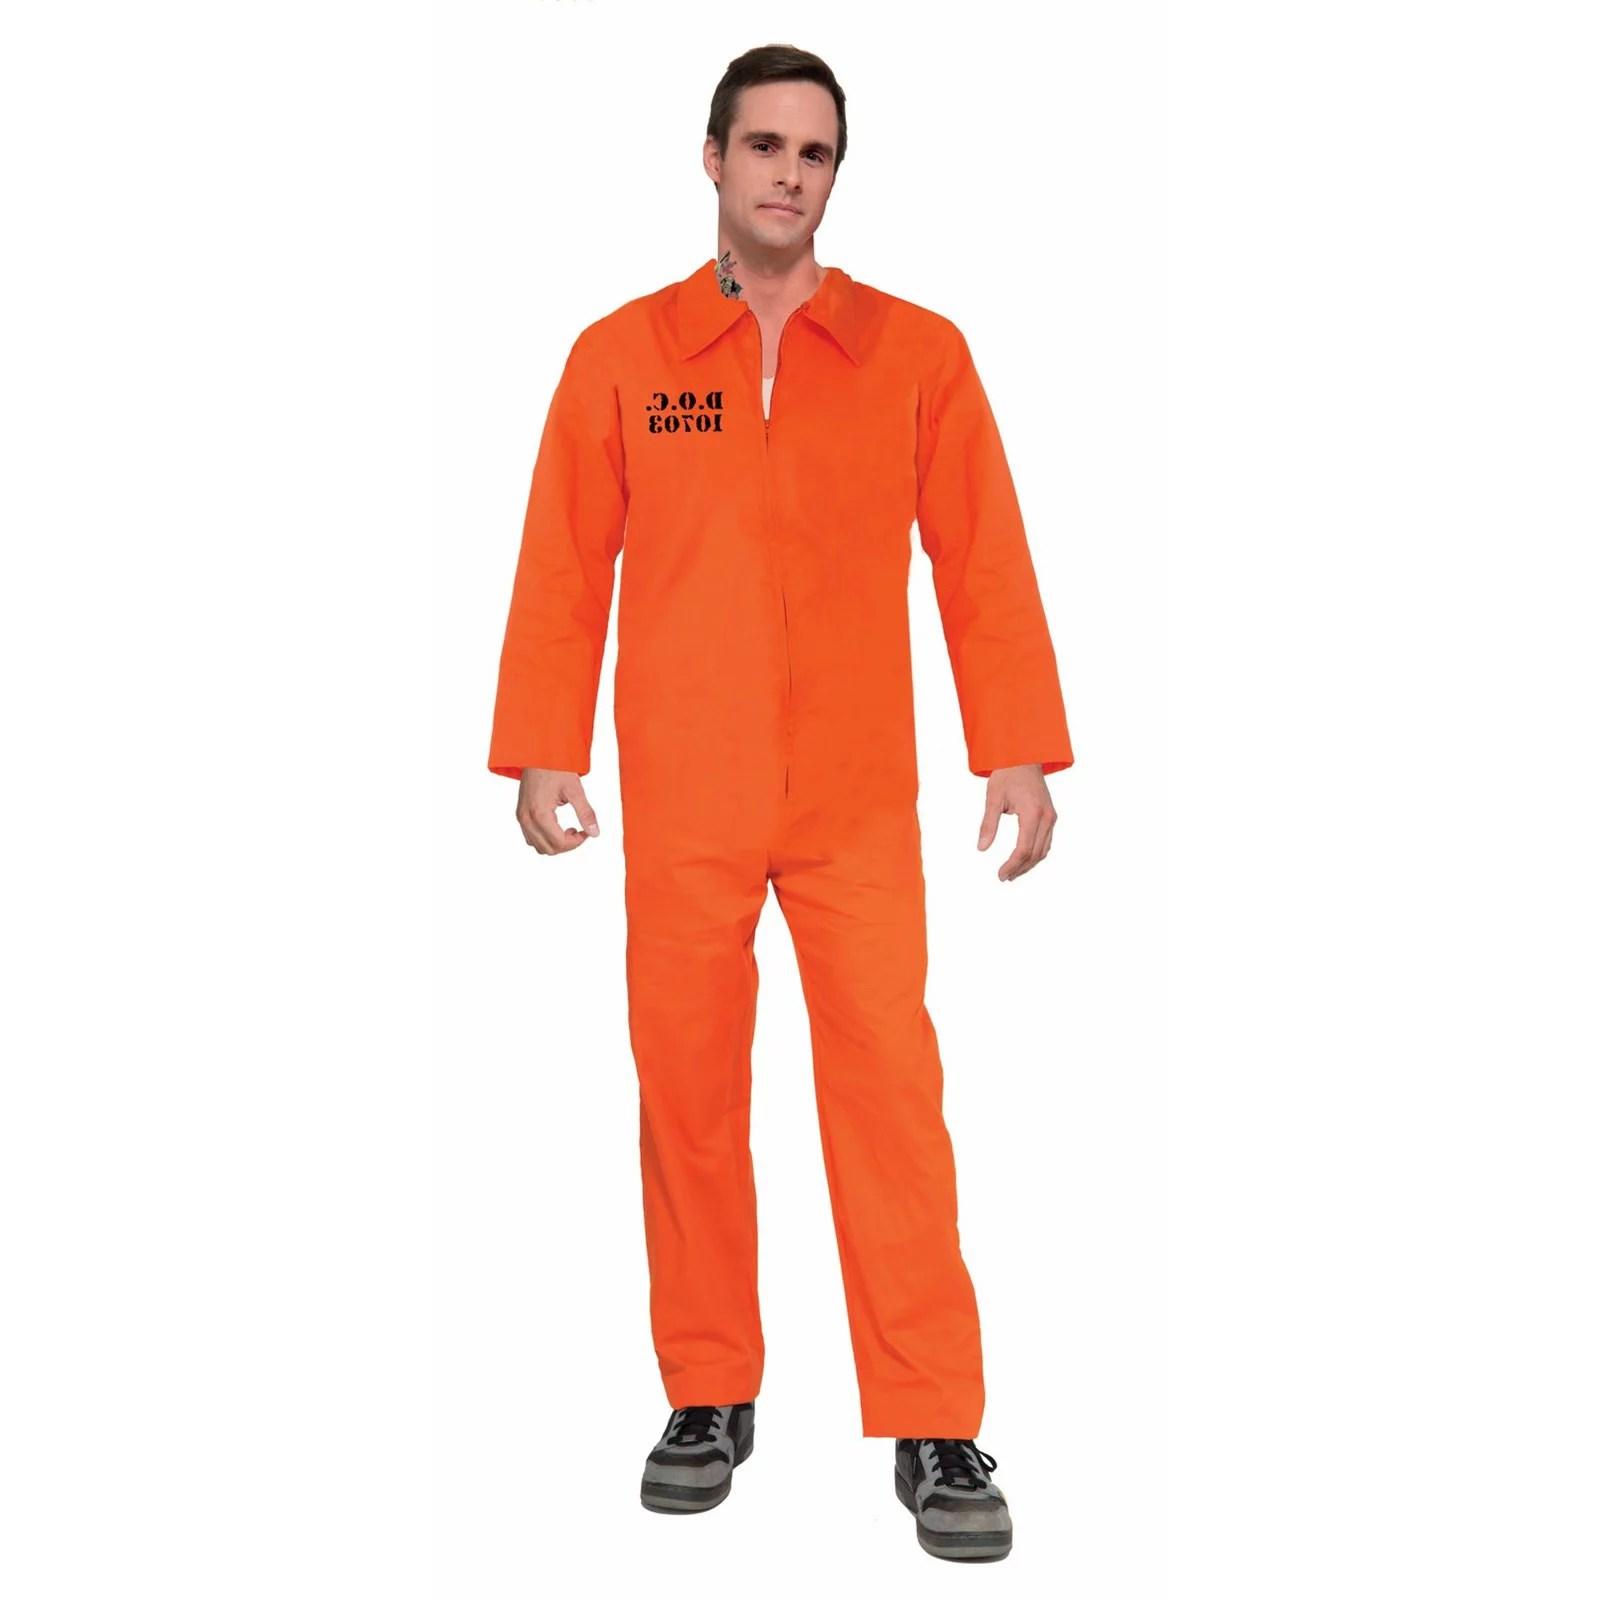 Halloween Prisoner Orange Jumpsuit Adult Costume Walmartcom